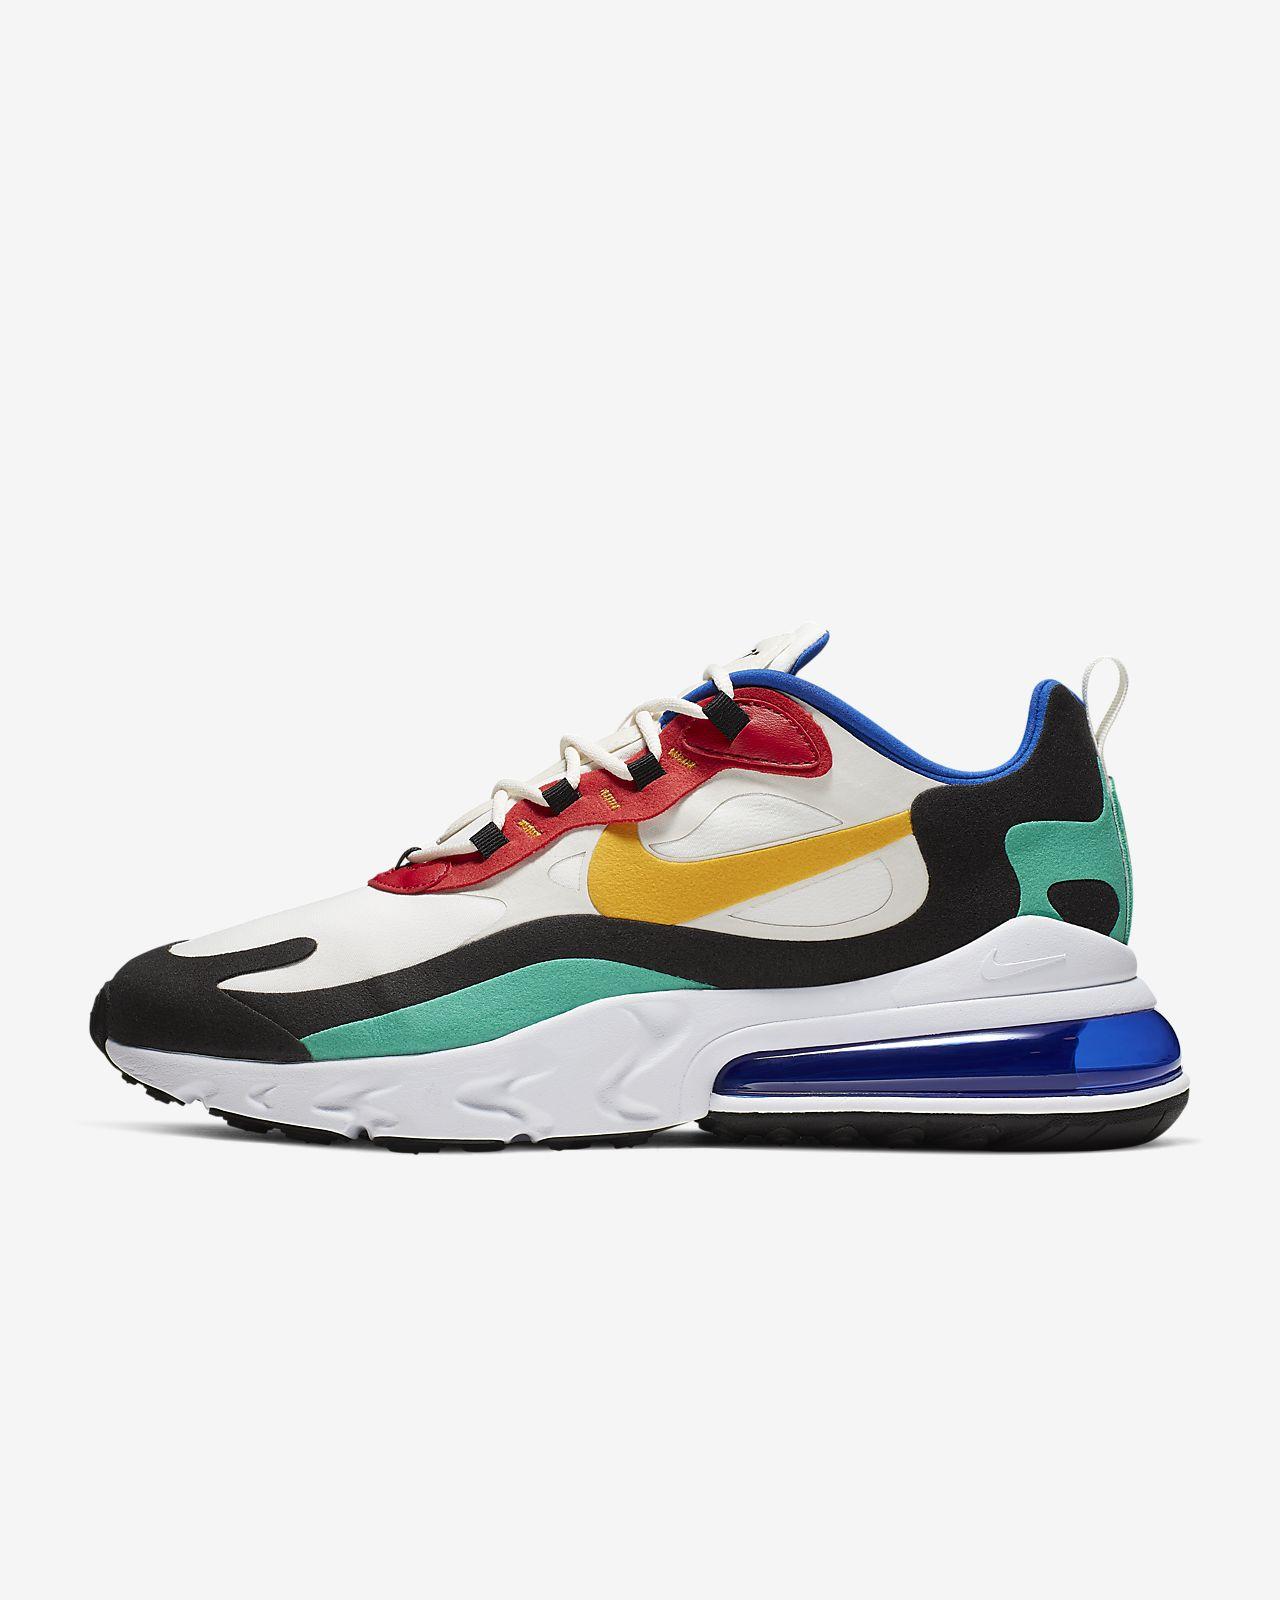 Nike Air Max 270 React Bauhaus 男鞋